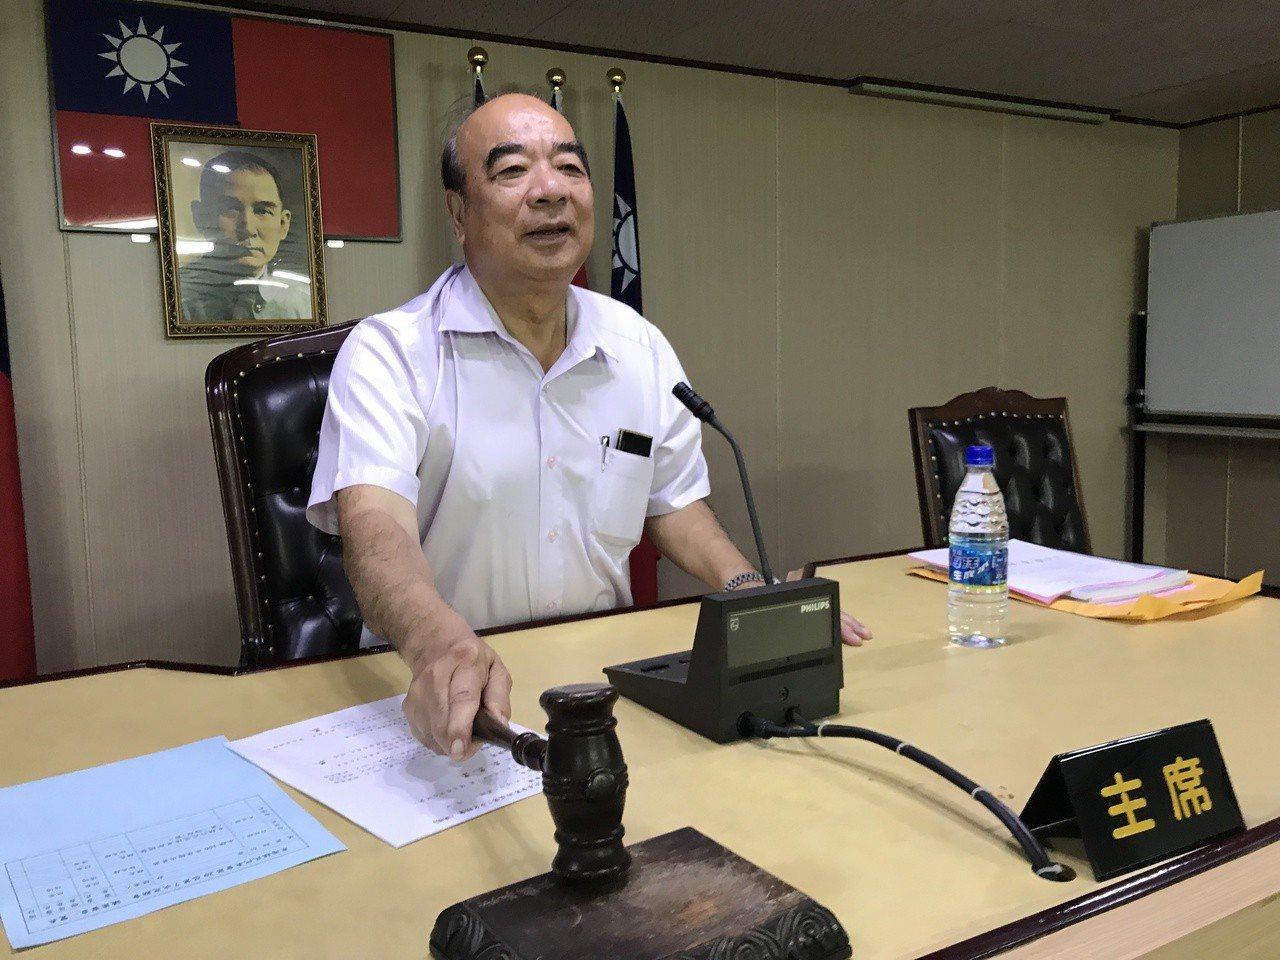 東港鎮民代表會今天舉行第20屆第7次定期會提案審議,針對東港鎮行政區域里鄰調整案...